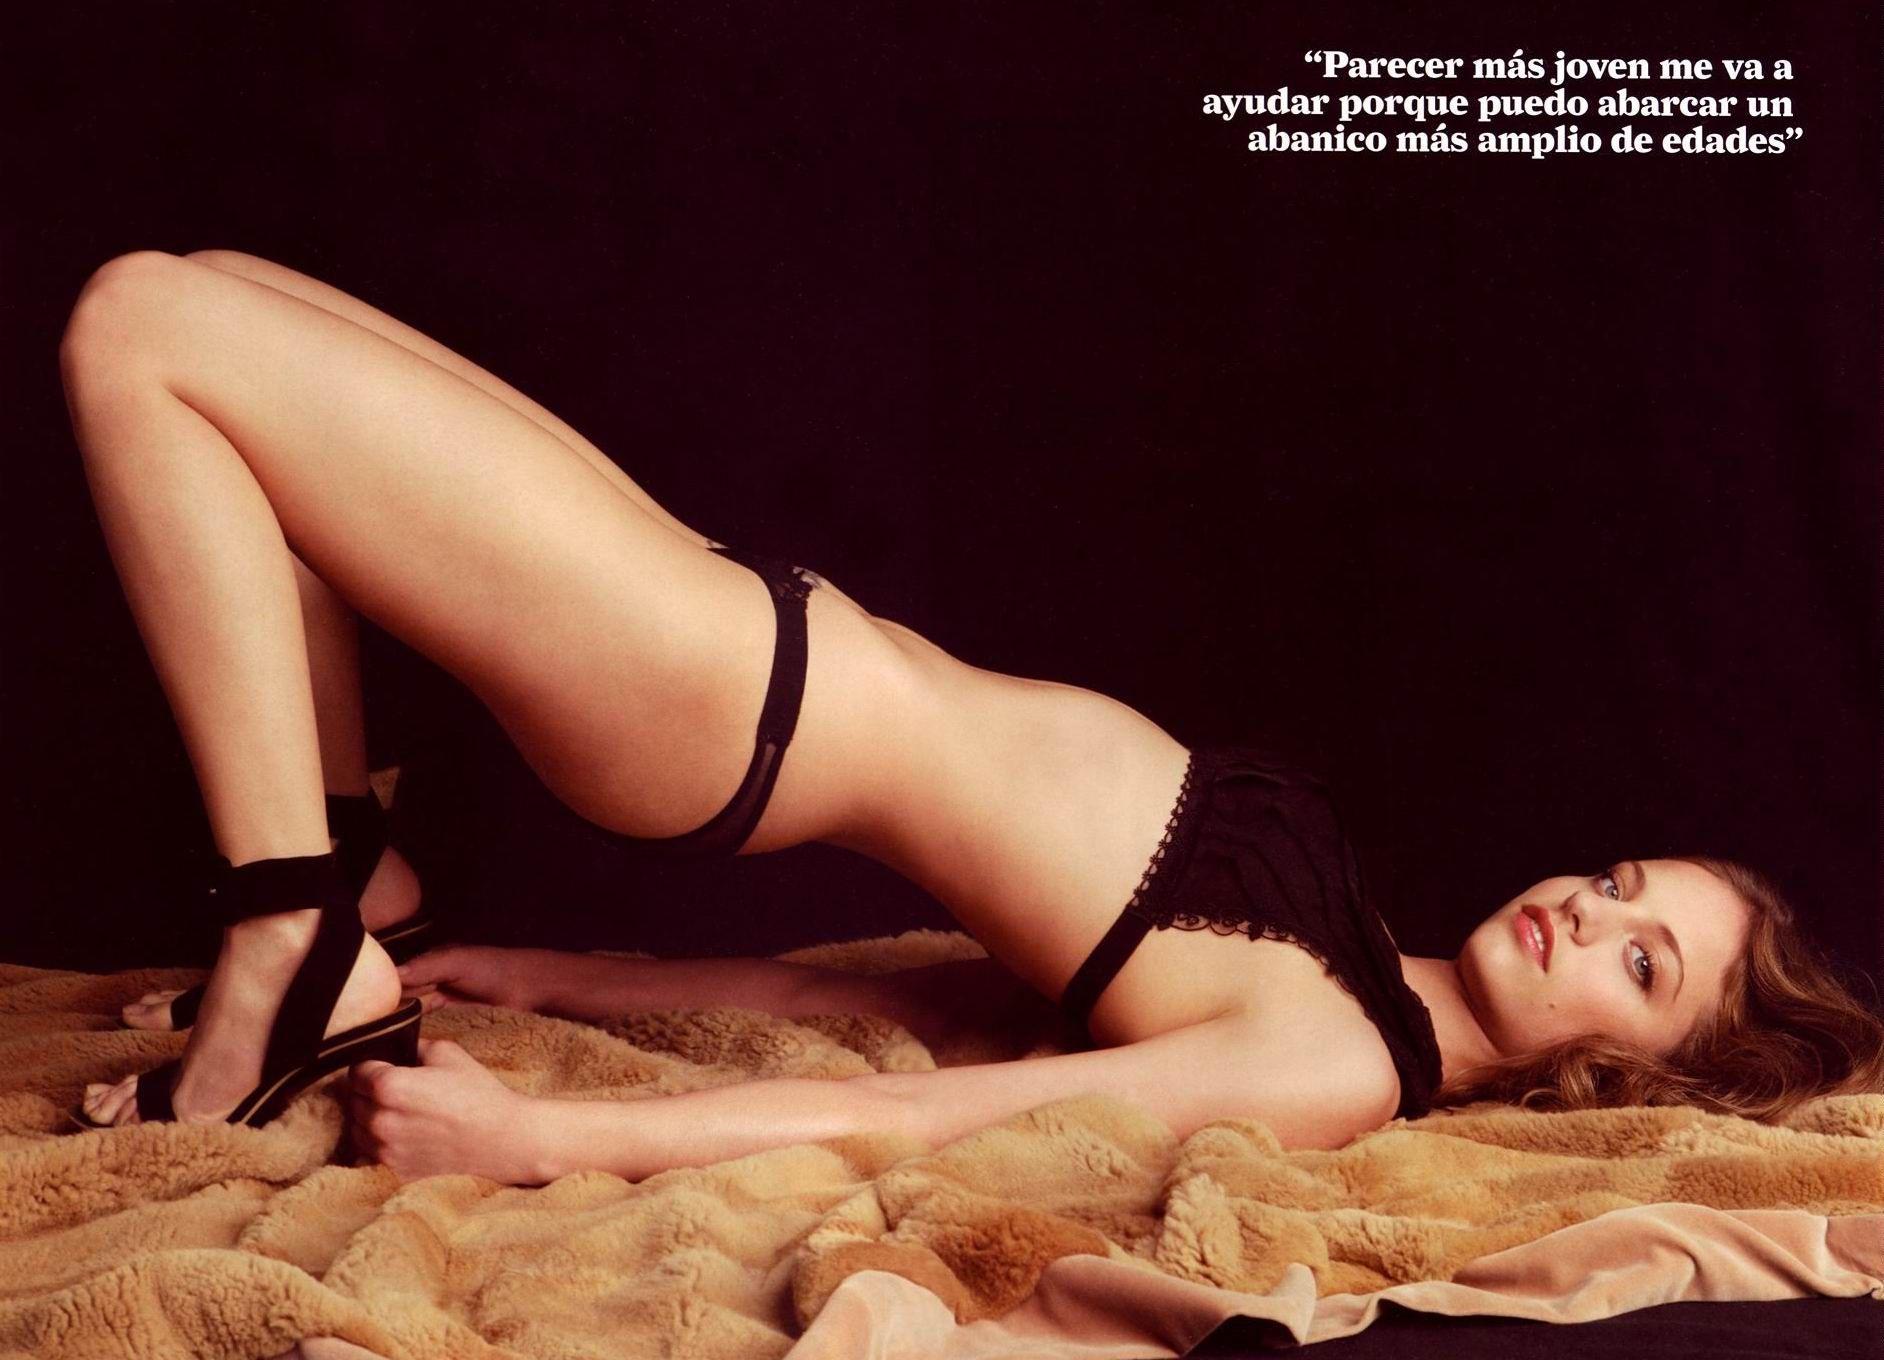 Michelle Jenner posando sexy en bragas y sujetador negros